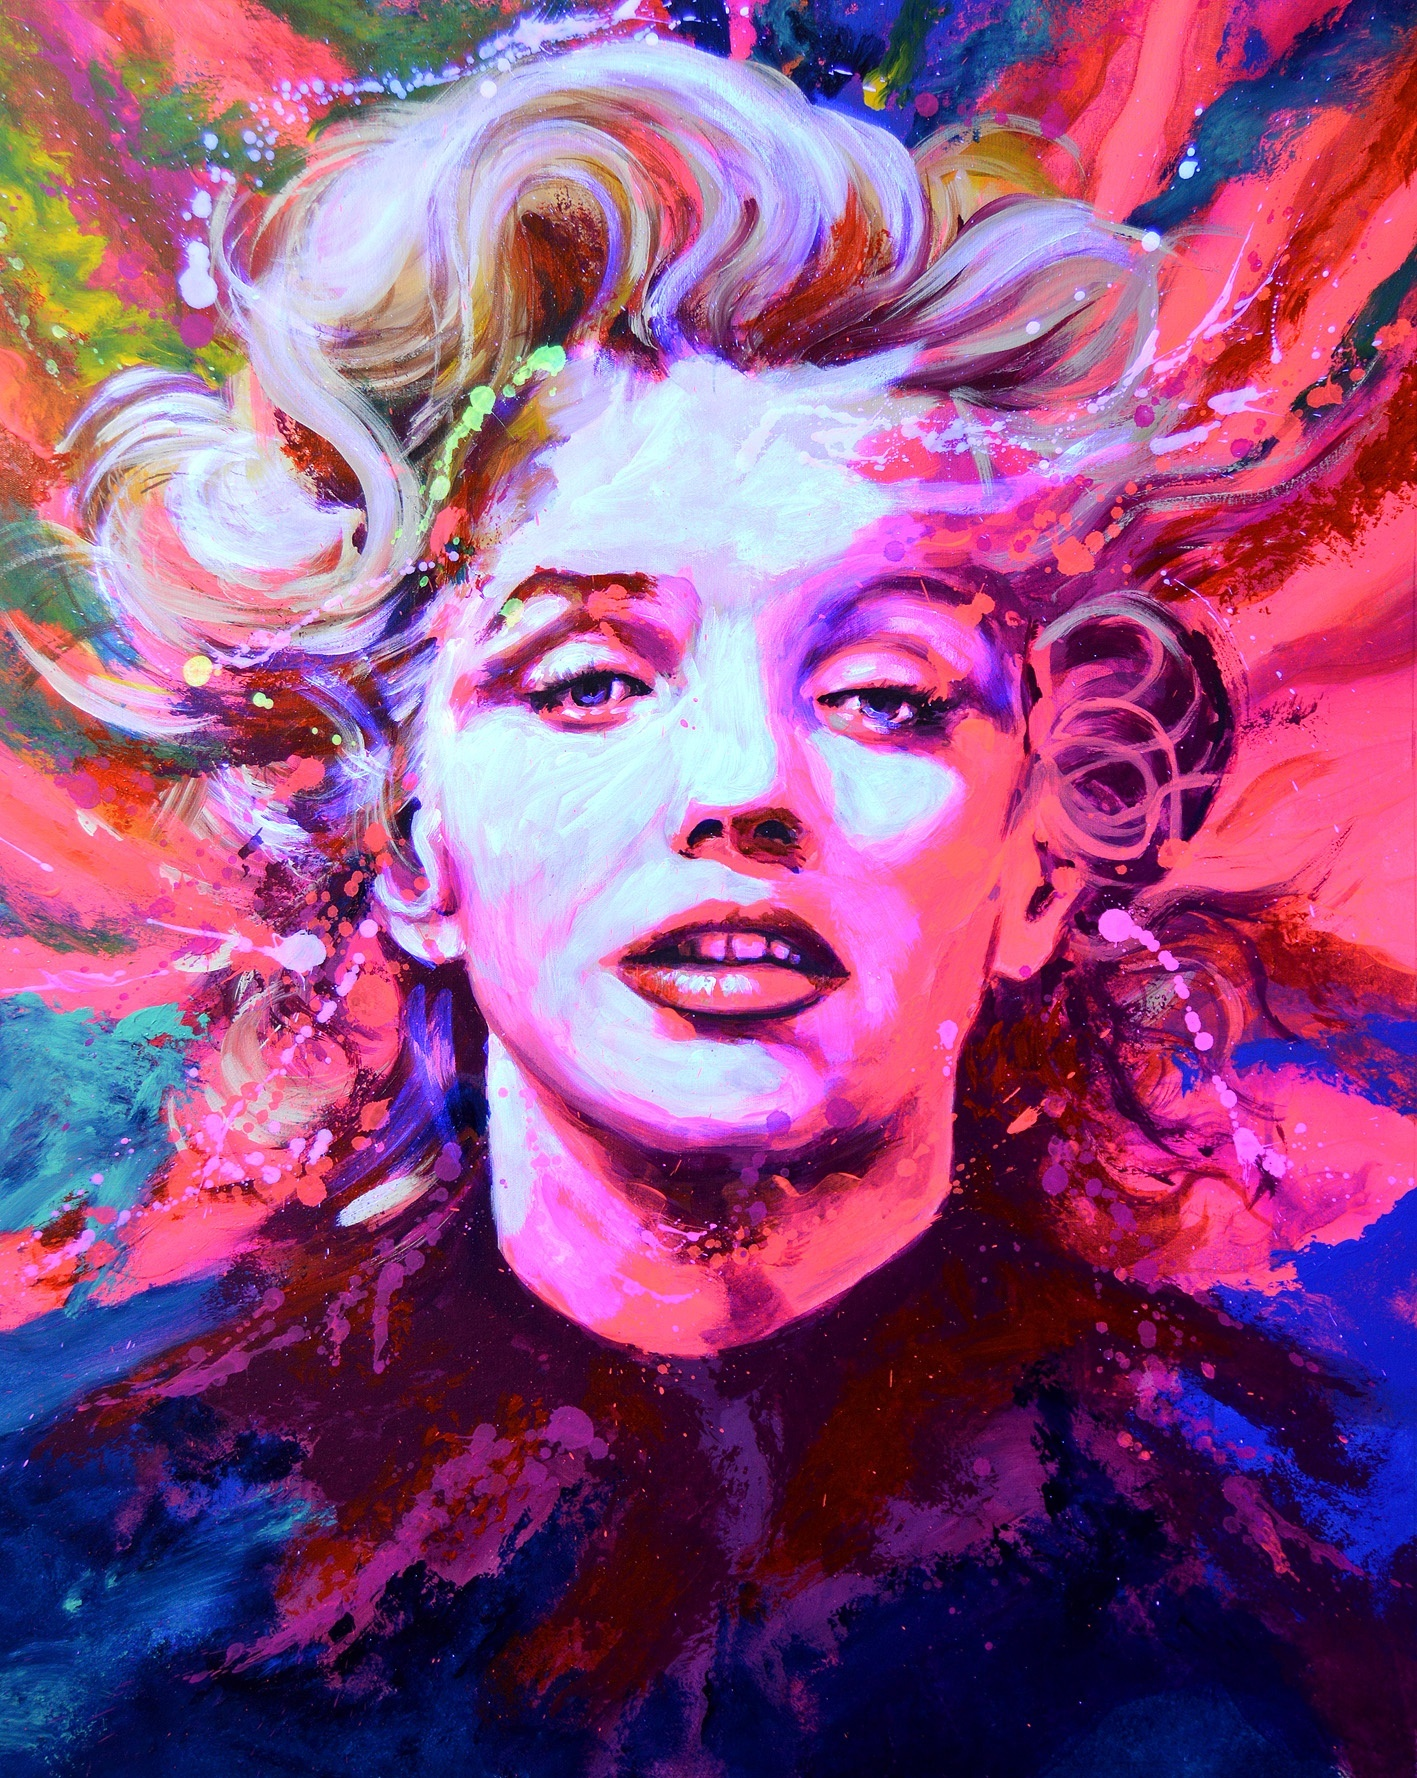 Javier Bernal fluor art portrait Marilyn Monroe contemporary art